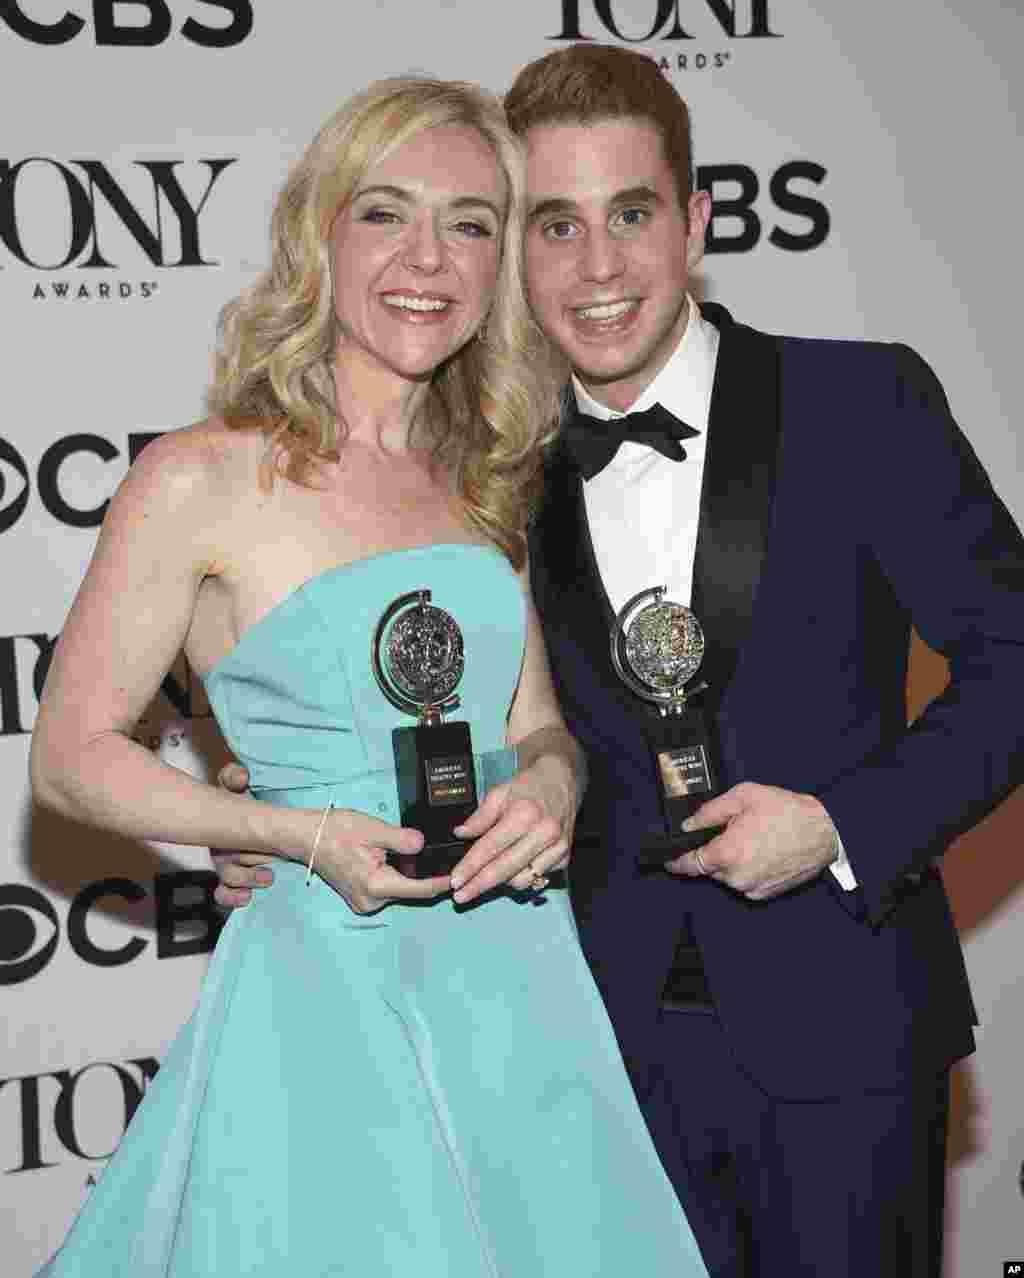 托尼奖最佳音乐剧《致埃文·汉森》中的演员本·普拉特荣获最佳音乐剧男主角奖,女演员蕾切尔·贝·琼斯荣获最佳音乐剧女配角奖,他们在领奖台上 (2017年6月11日)。后面有更多有关图片。